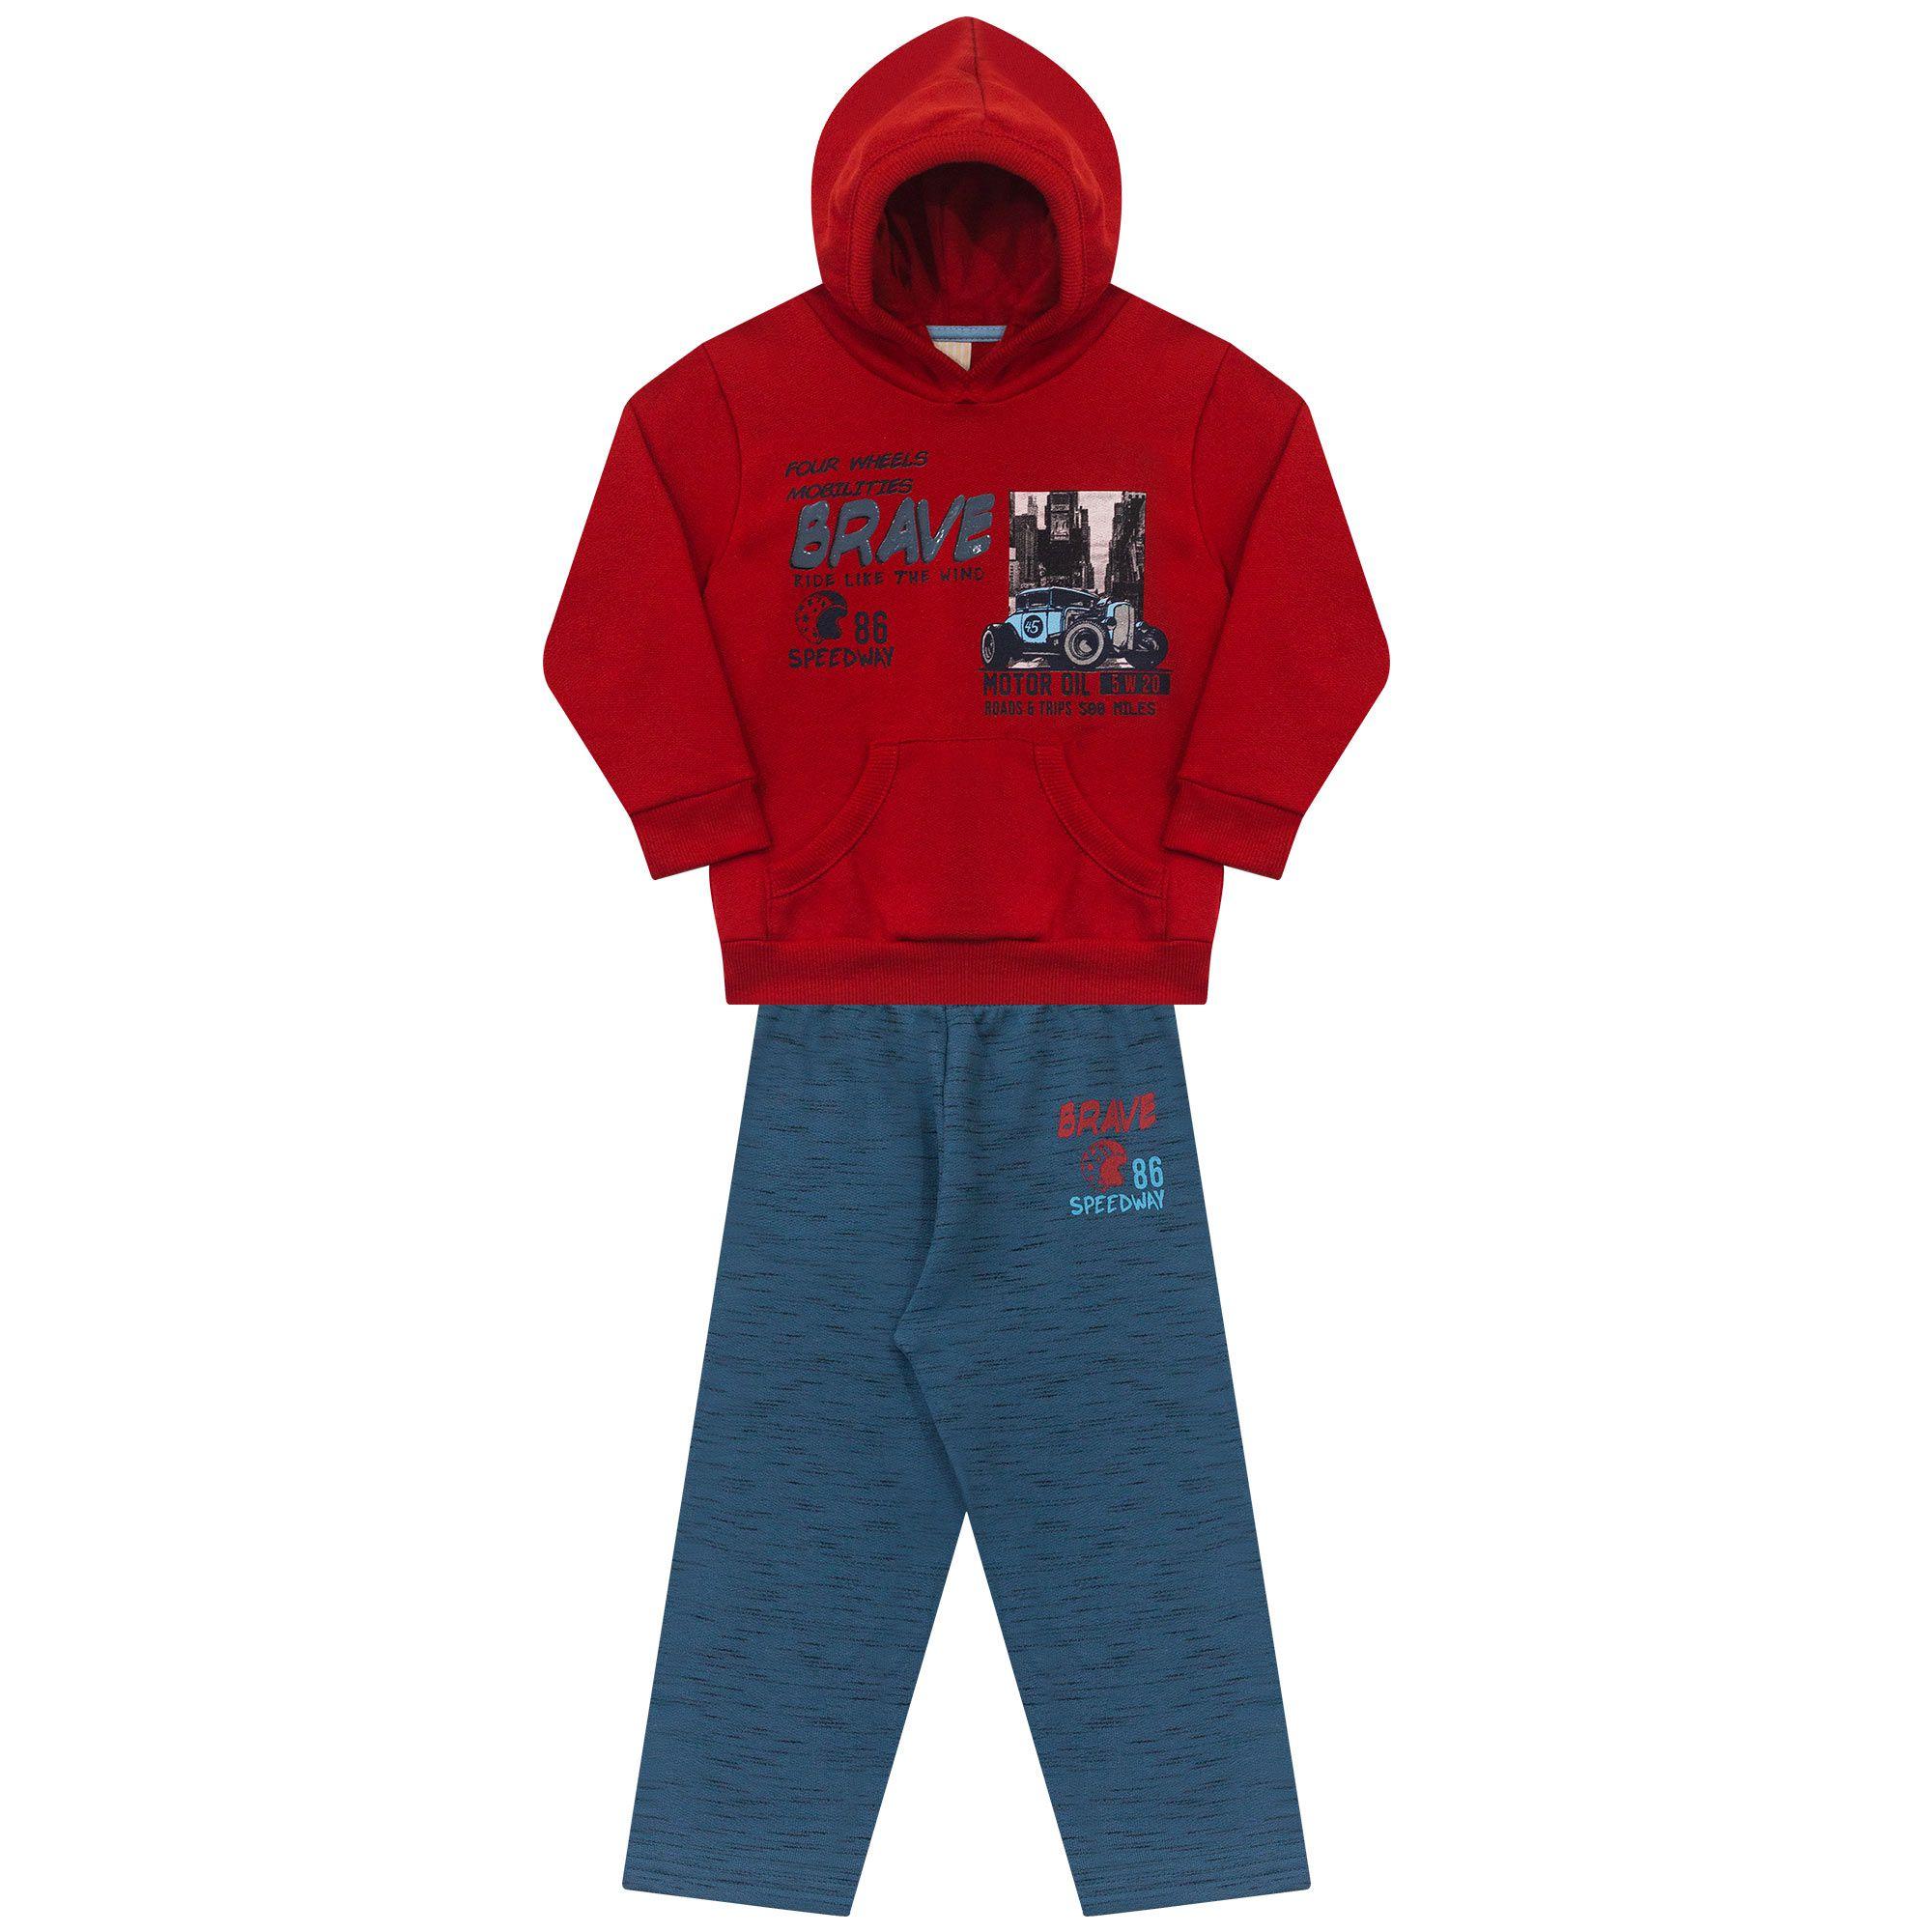 Conjunto Infantil   2 peças - Ref 4975 - Vermelho/Diadema